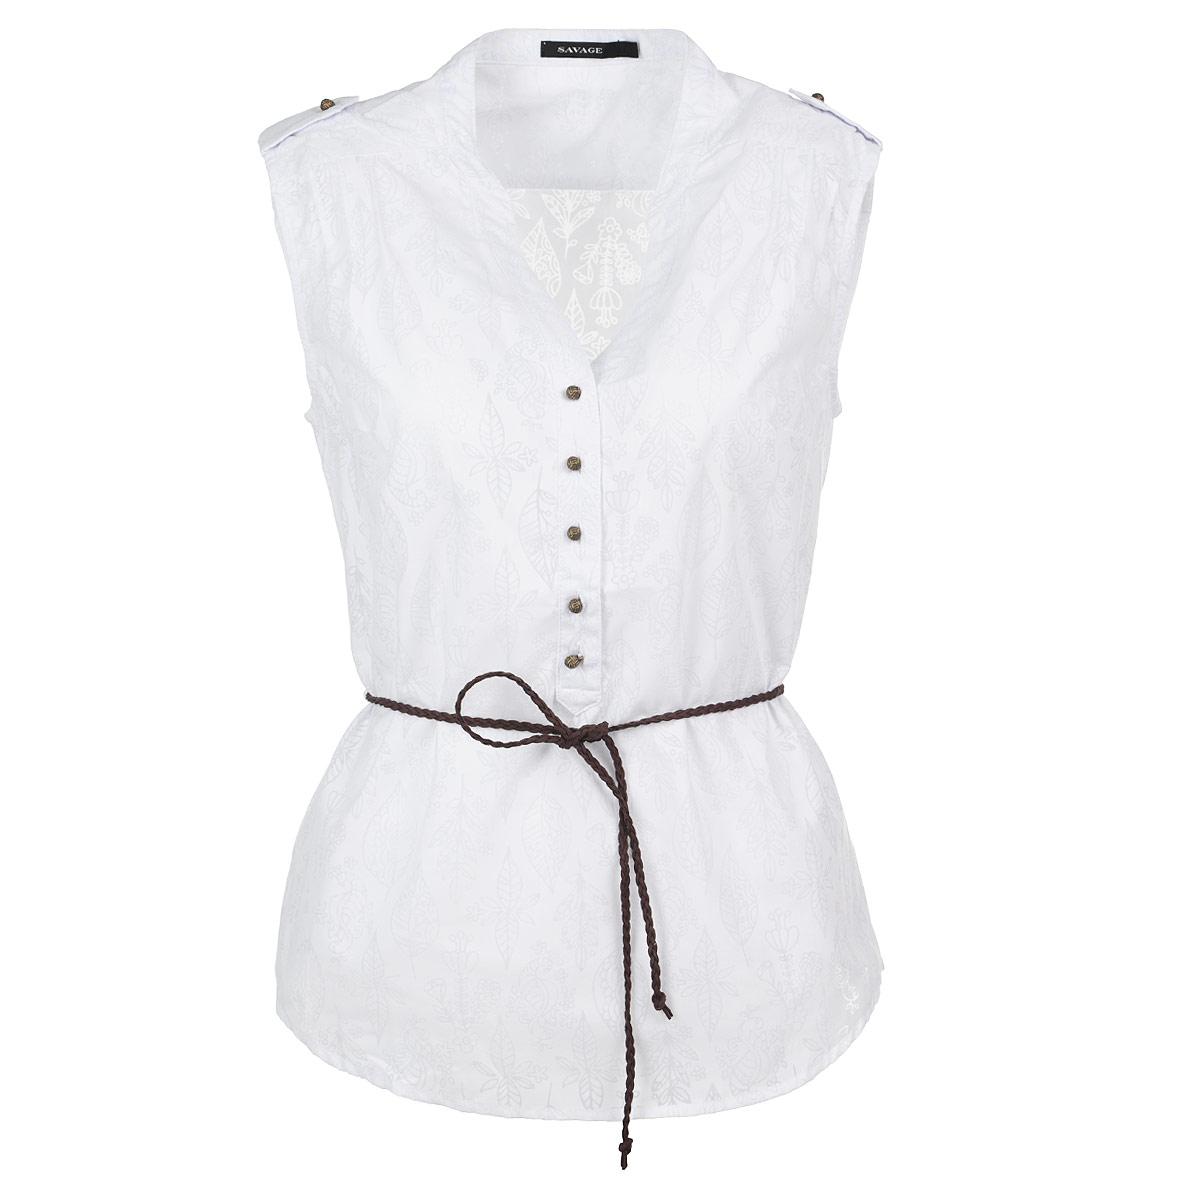 Блузка. 515344515344Стильная блузка, изготовленная из высококачественного материала, не сковывает движения, обеспечивая наибольший комфорт. Модель приталенного кроя без рукавов, застегивается на пуговицы до середины длины изделия. Блуза с V-образным вырезом горловины и поукруглым низом, на талии дополнена тонким пояском-косичкой. Плечи оформлены декоративными складками. Такую модную блузу вы сможете комбинировать с любыми элементами гардероба и будете чувствовать себя в ней уютно и комфортно.